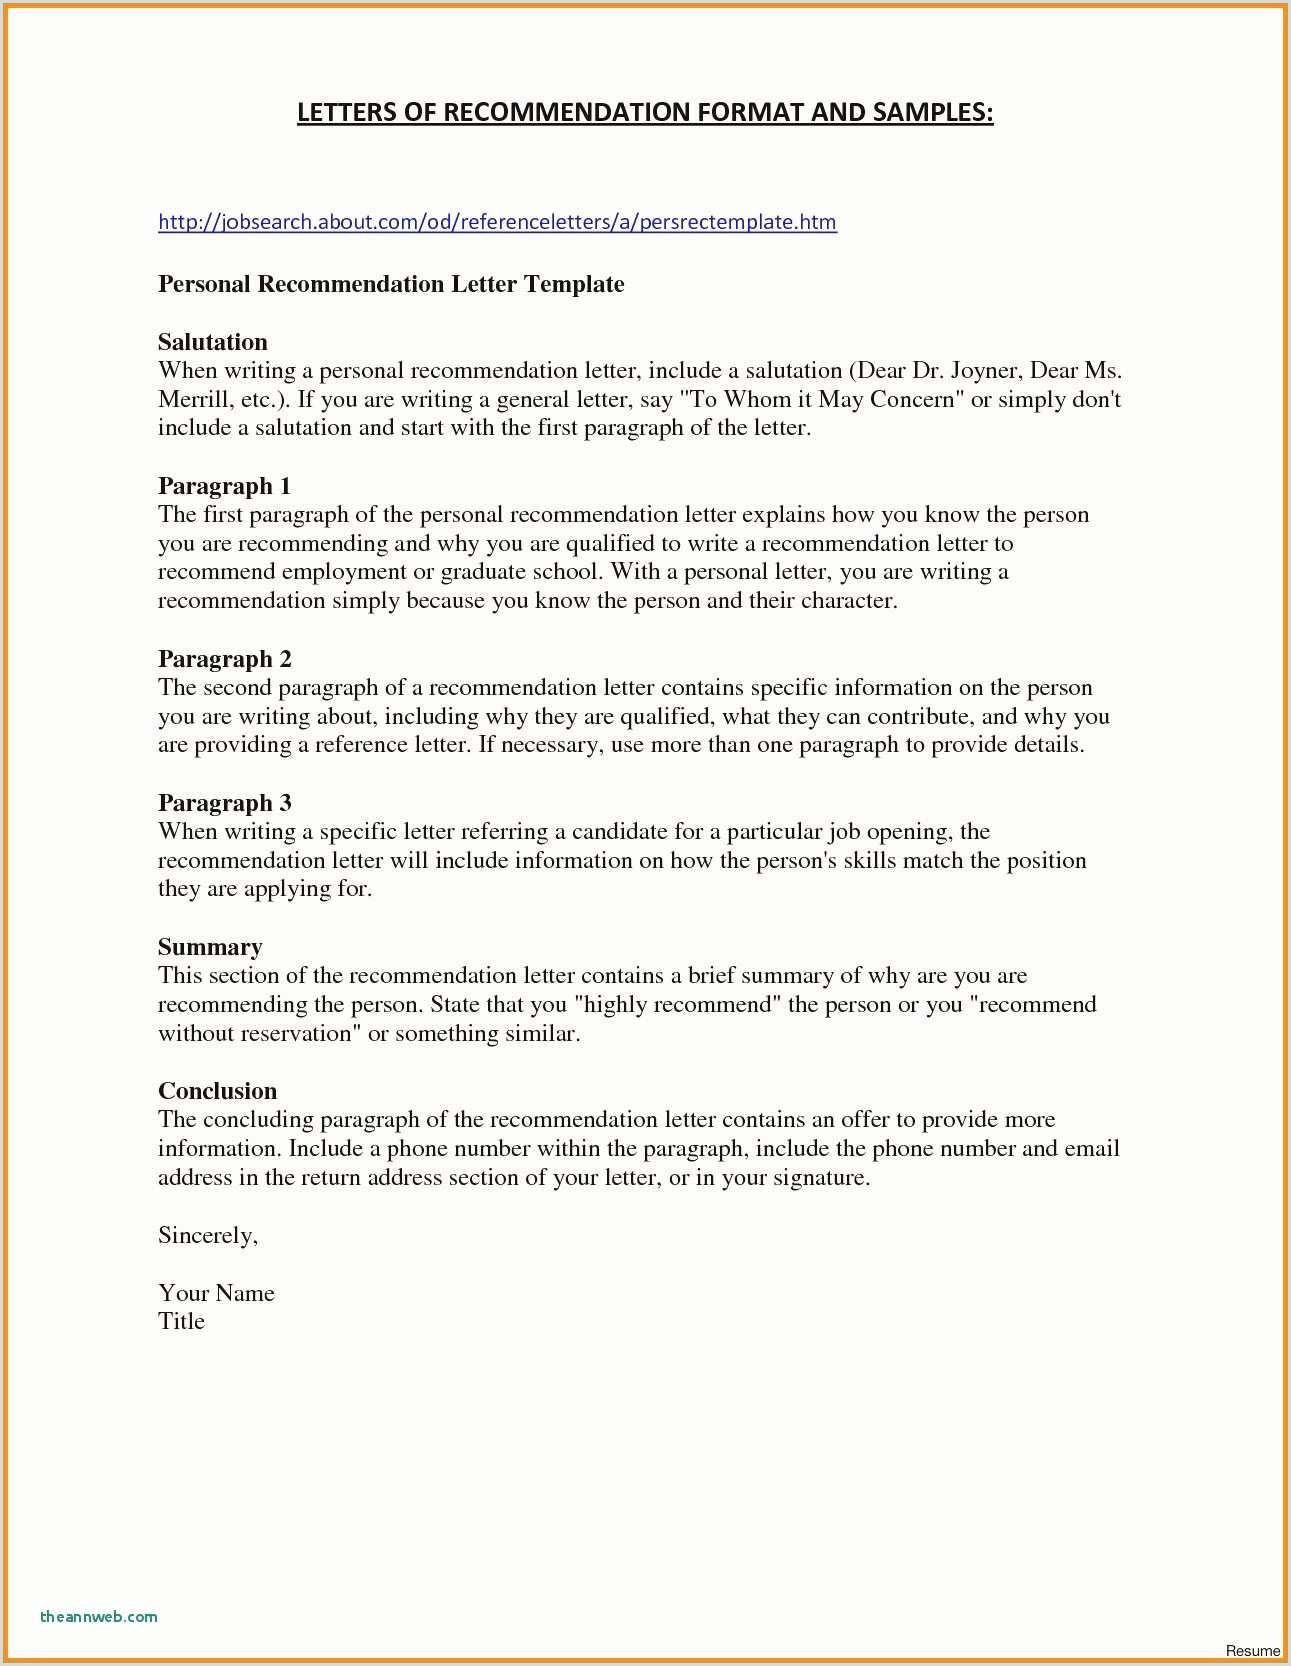 Hospitality Cover Letter Samples New Sample Cover Letter for